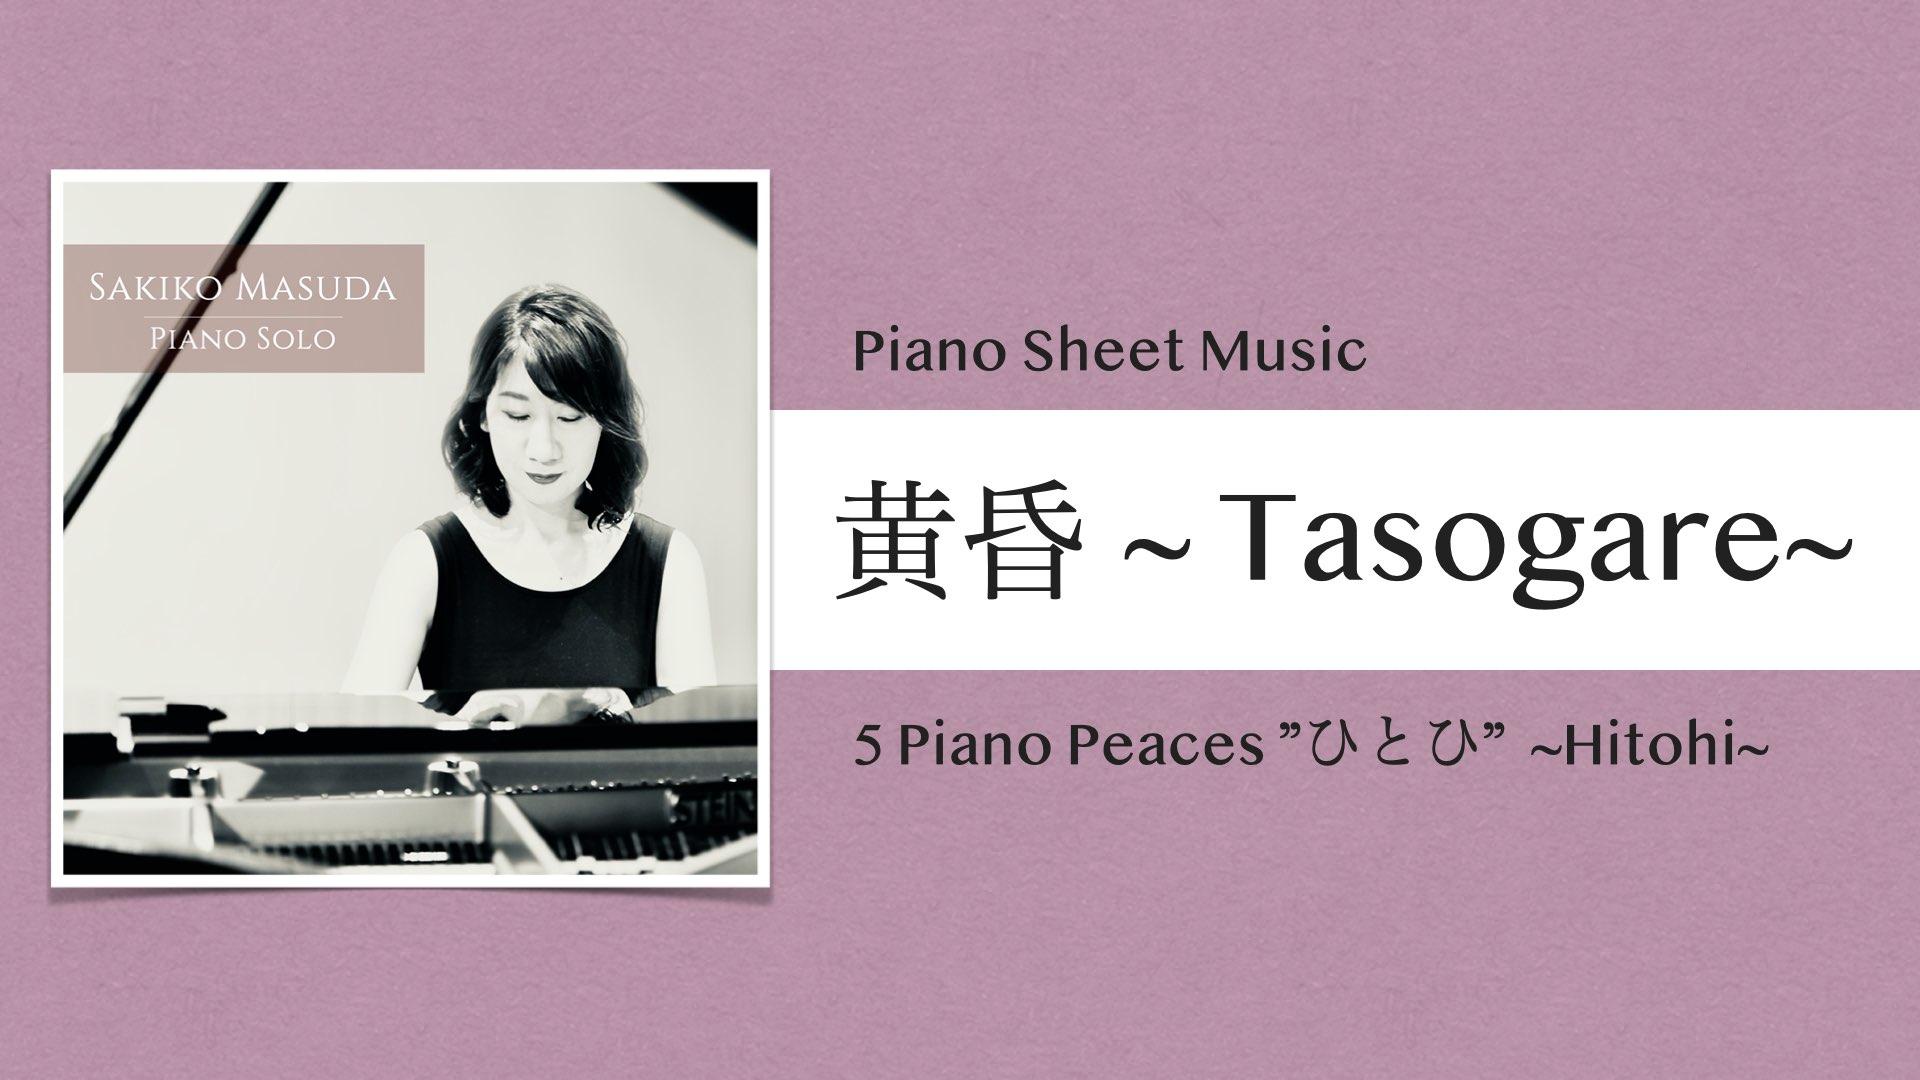 黄昏 〜Tasogare〜 ピアノ小曲集『ひとひ』【ピアノ楽譜】